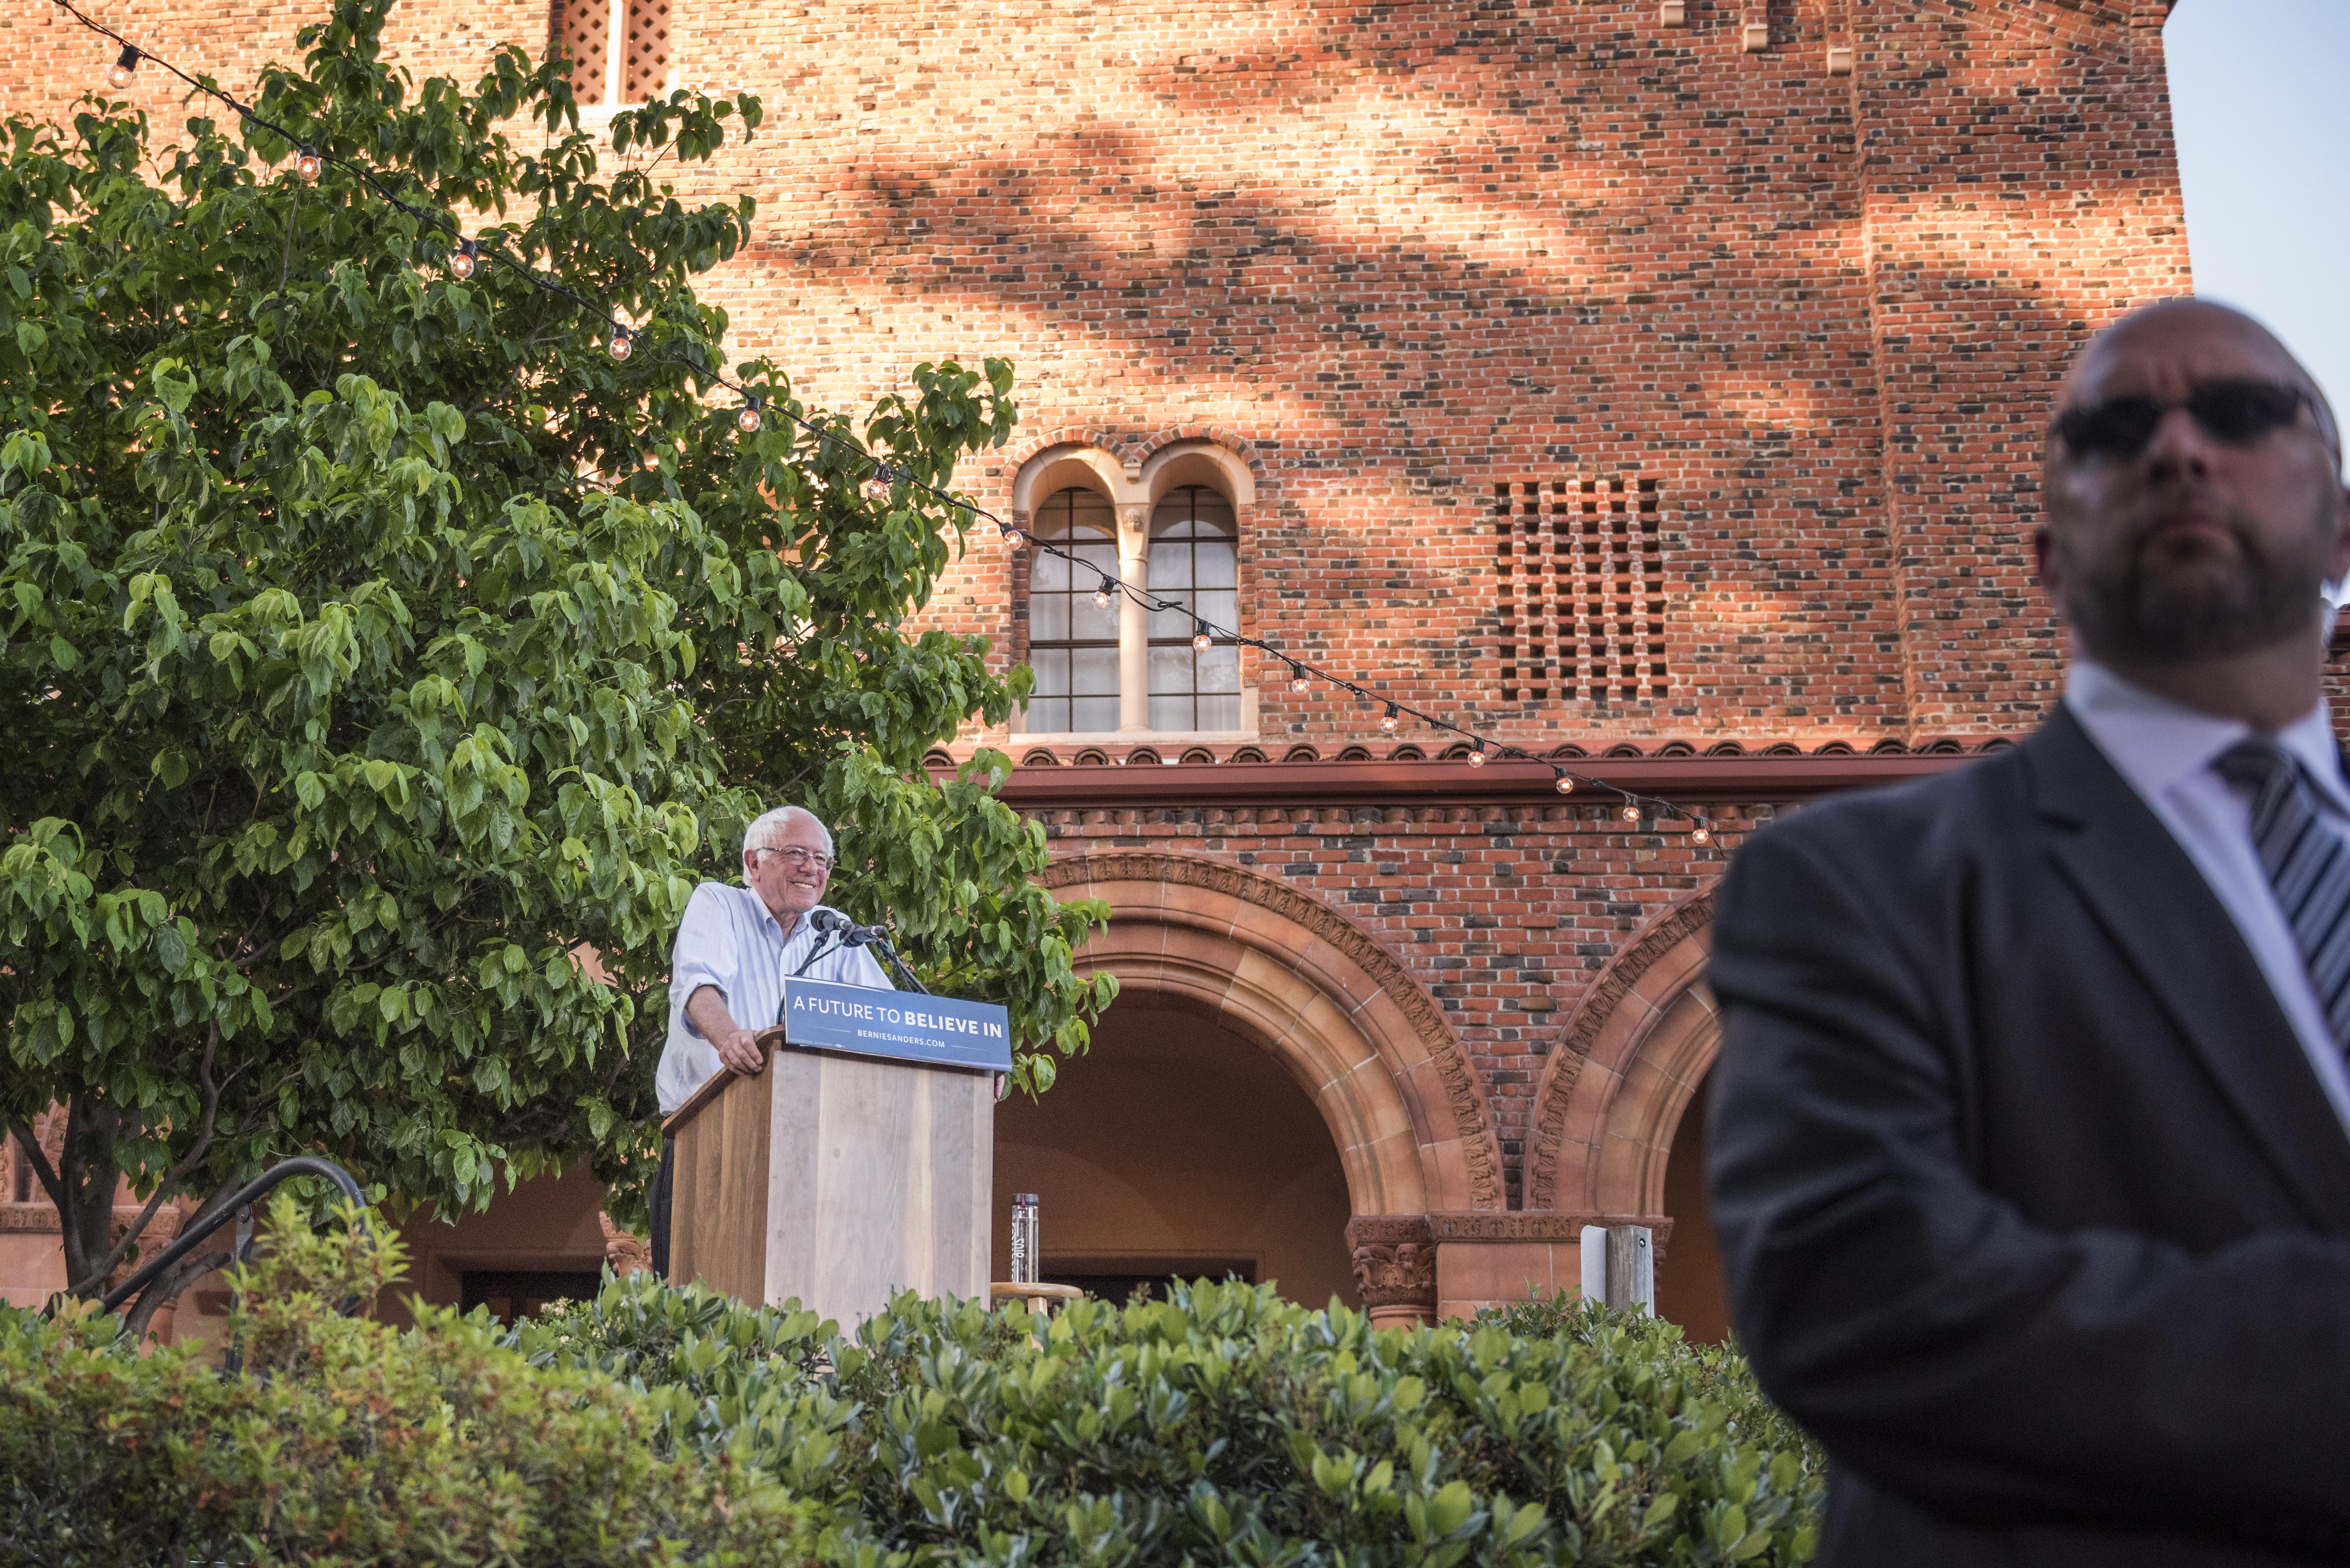 Bernie Sanders speaking at a podium in front of Laxson Auditorium.